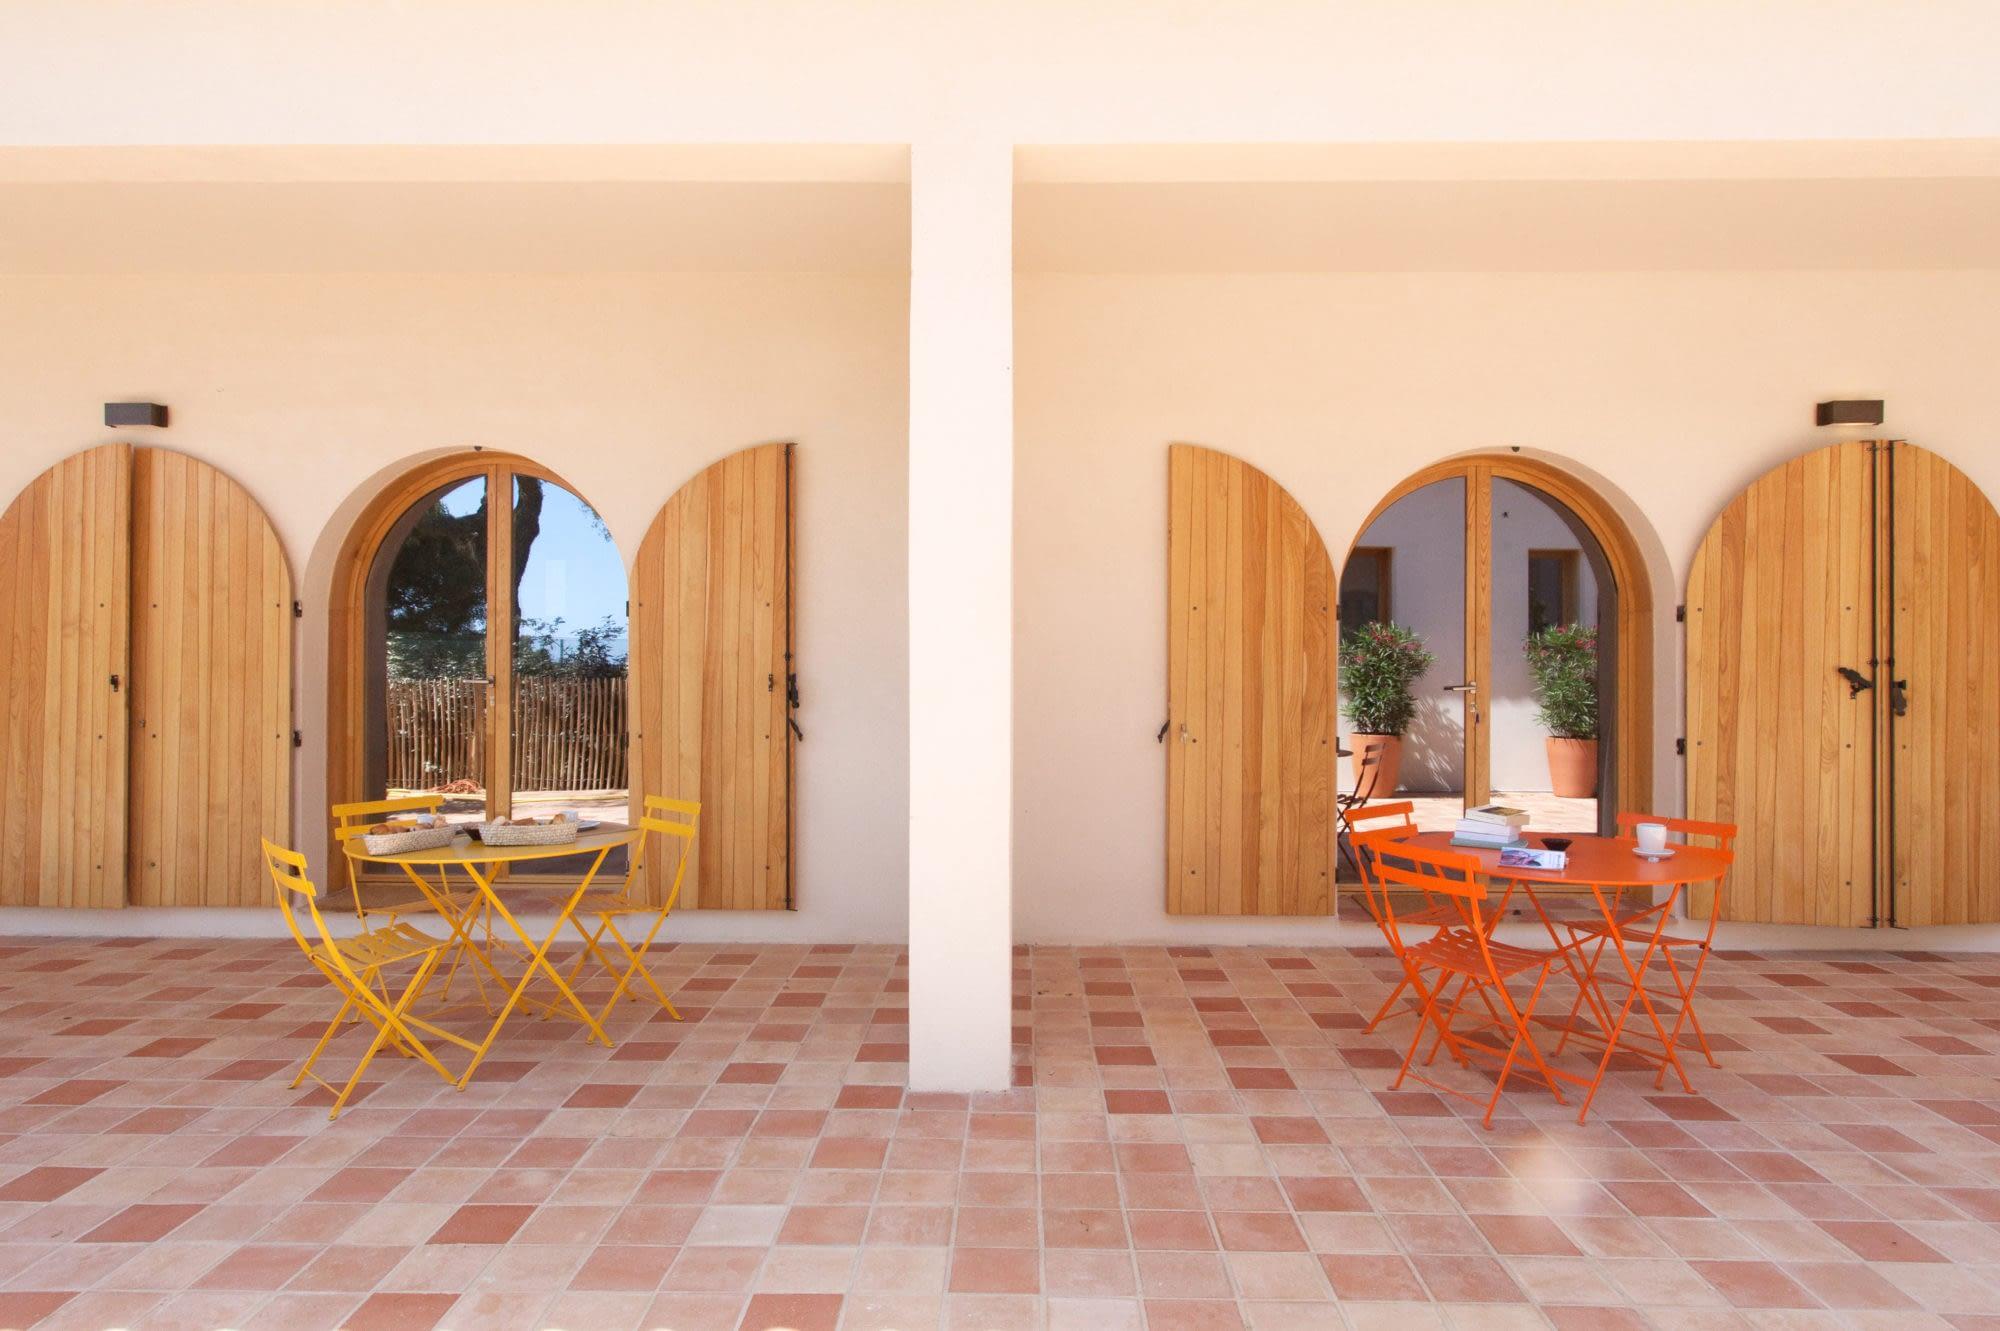 Terrasses L'oranger et Le citronnier / Terraces in the houses L'oranger and Le citronnier